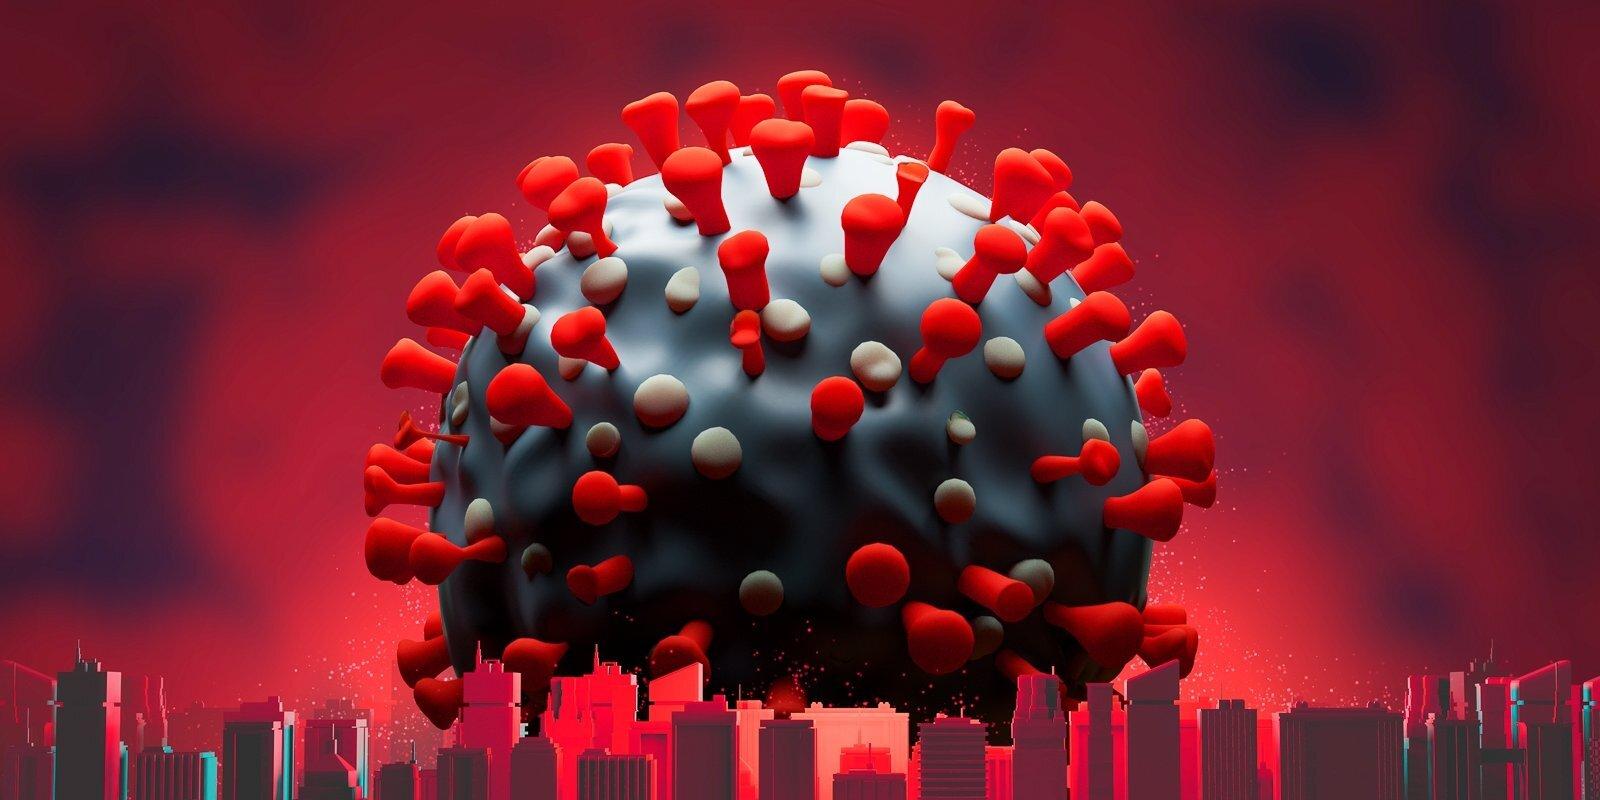 Теории заговора вокруг коронавируса: биологическое оружие и дьявольский план Билла Гейтса